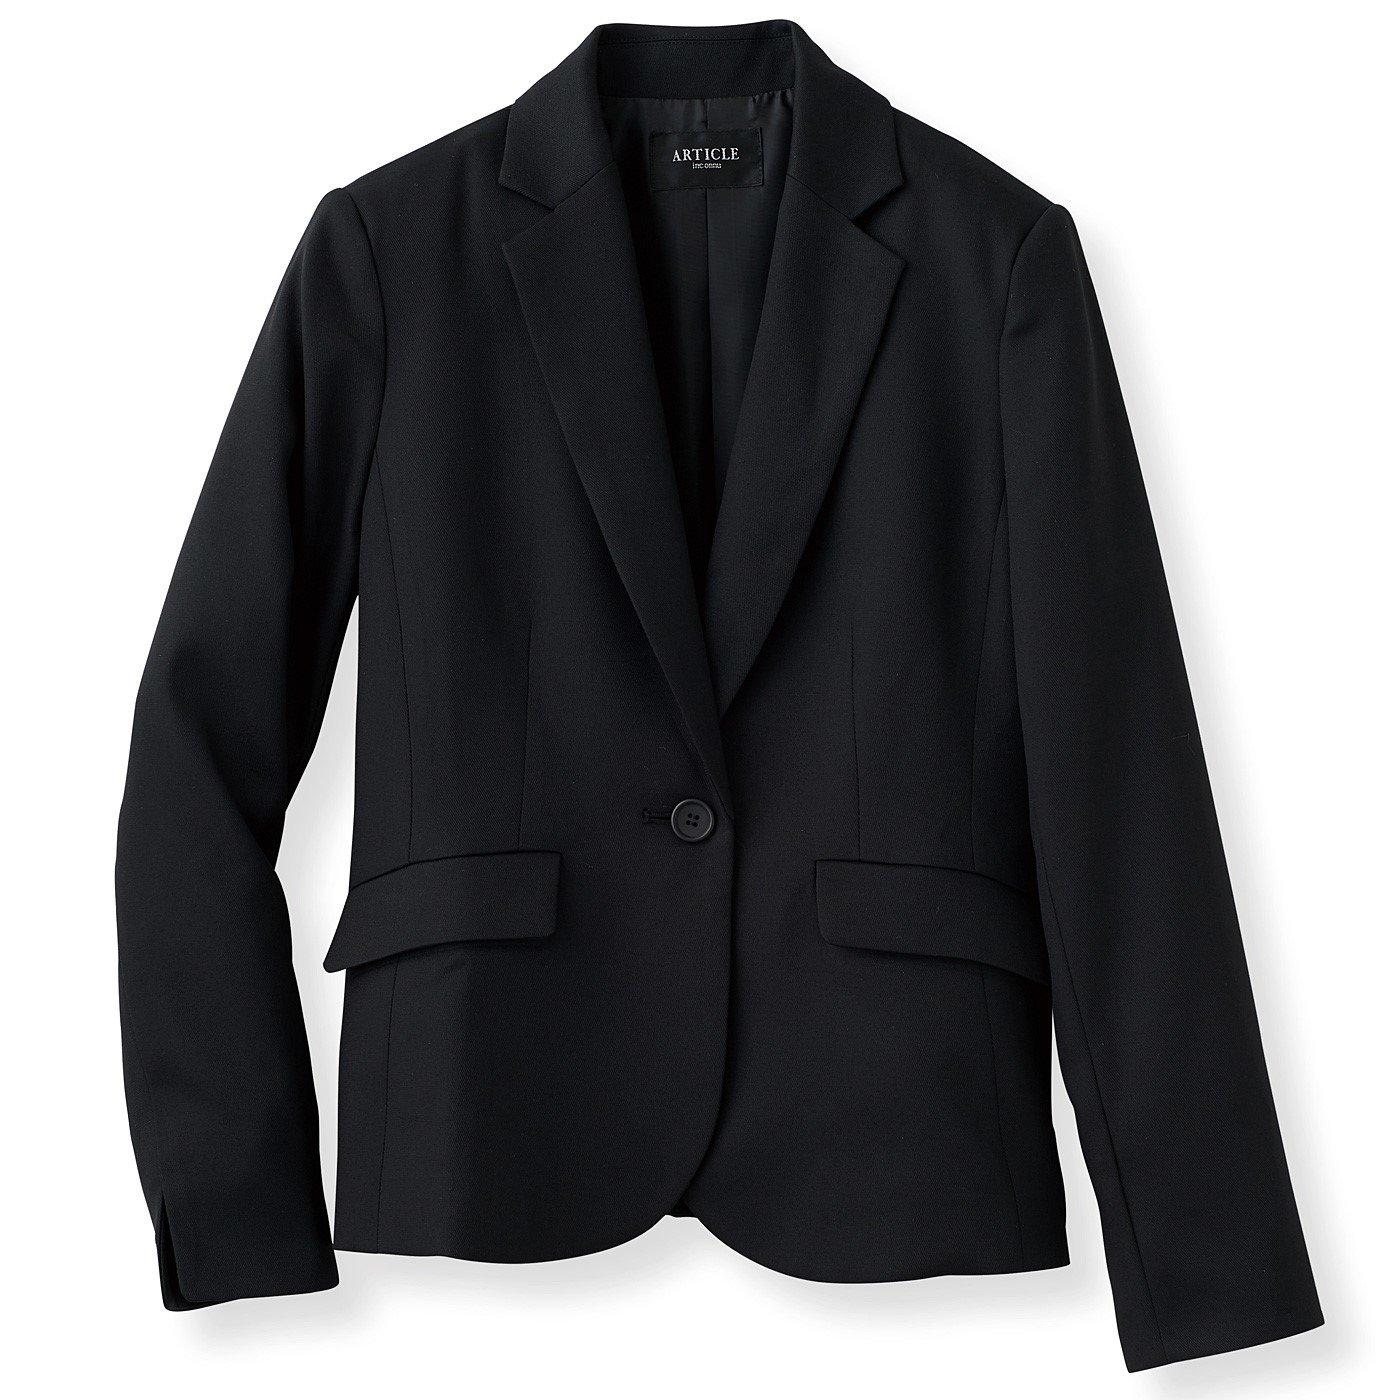 DRECOバイヤーズセレクト ツイル素材の正統派テーラードジャケット〈ブラック〉